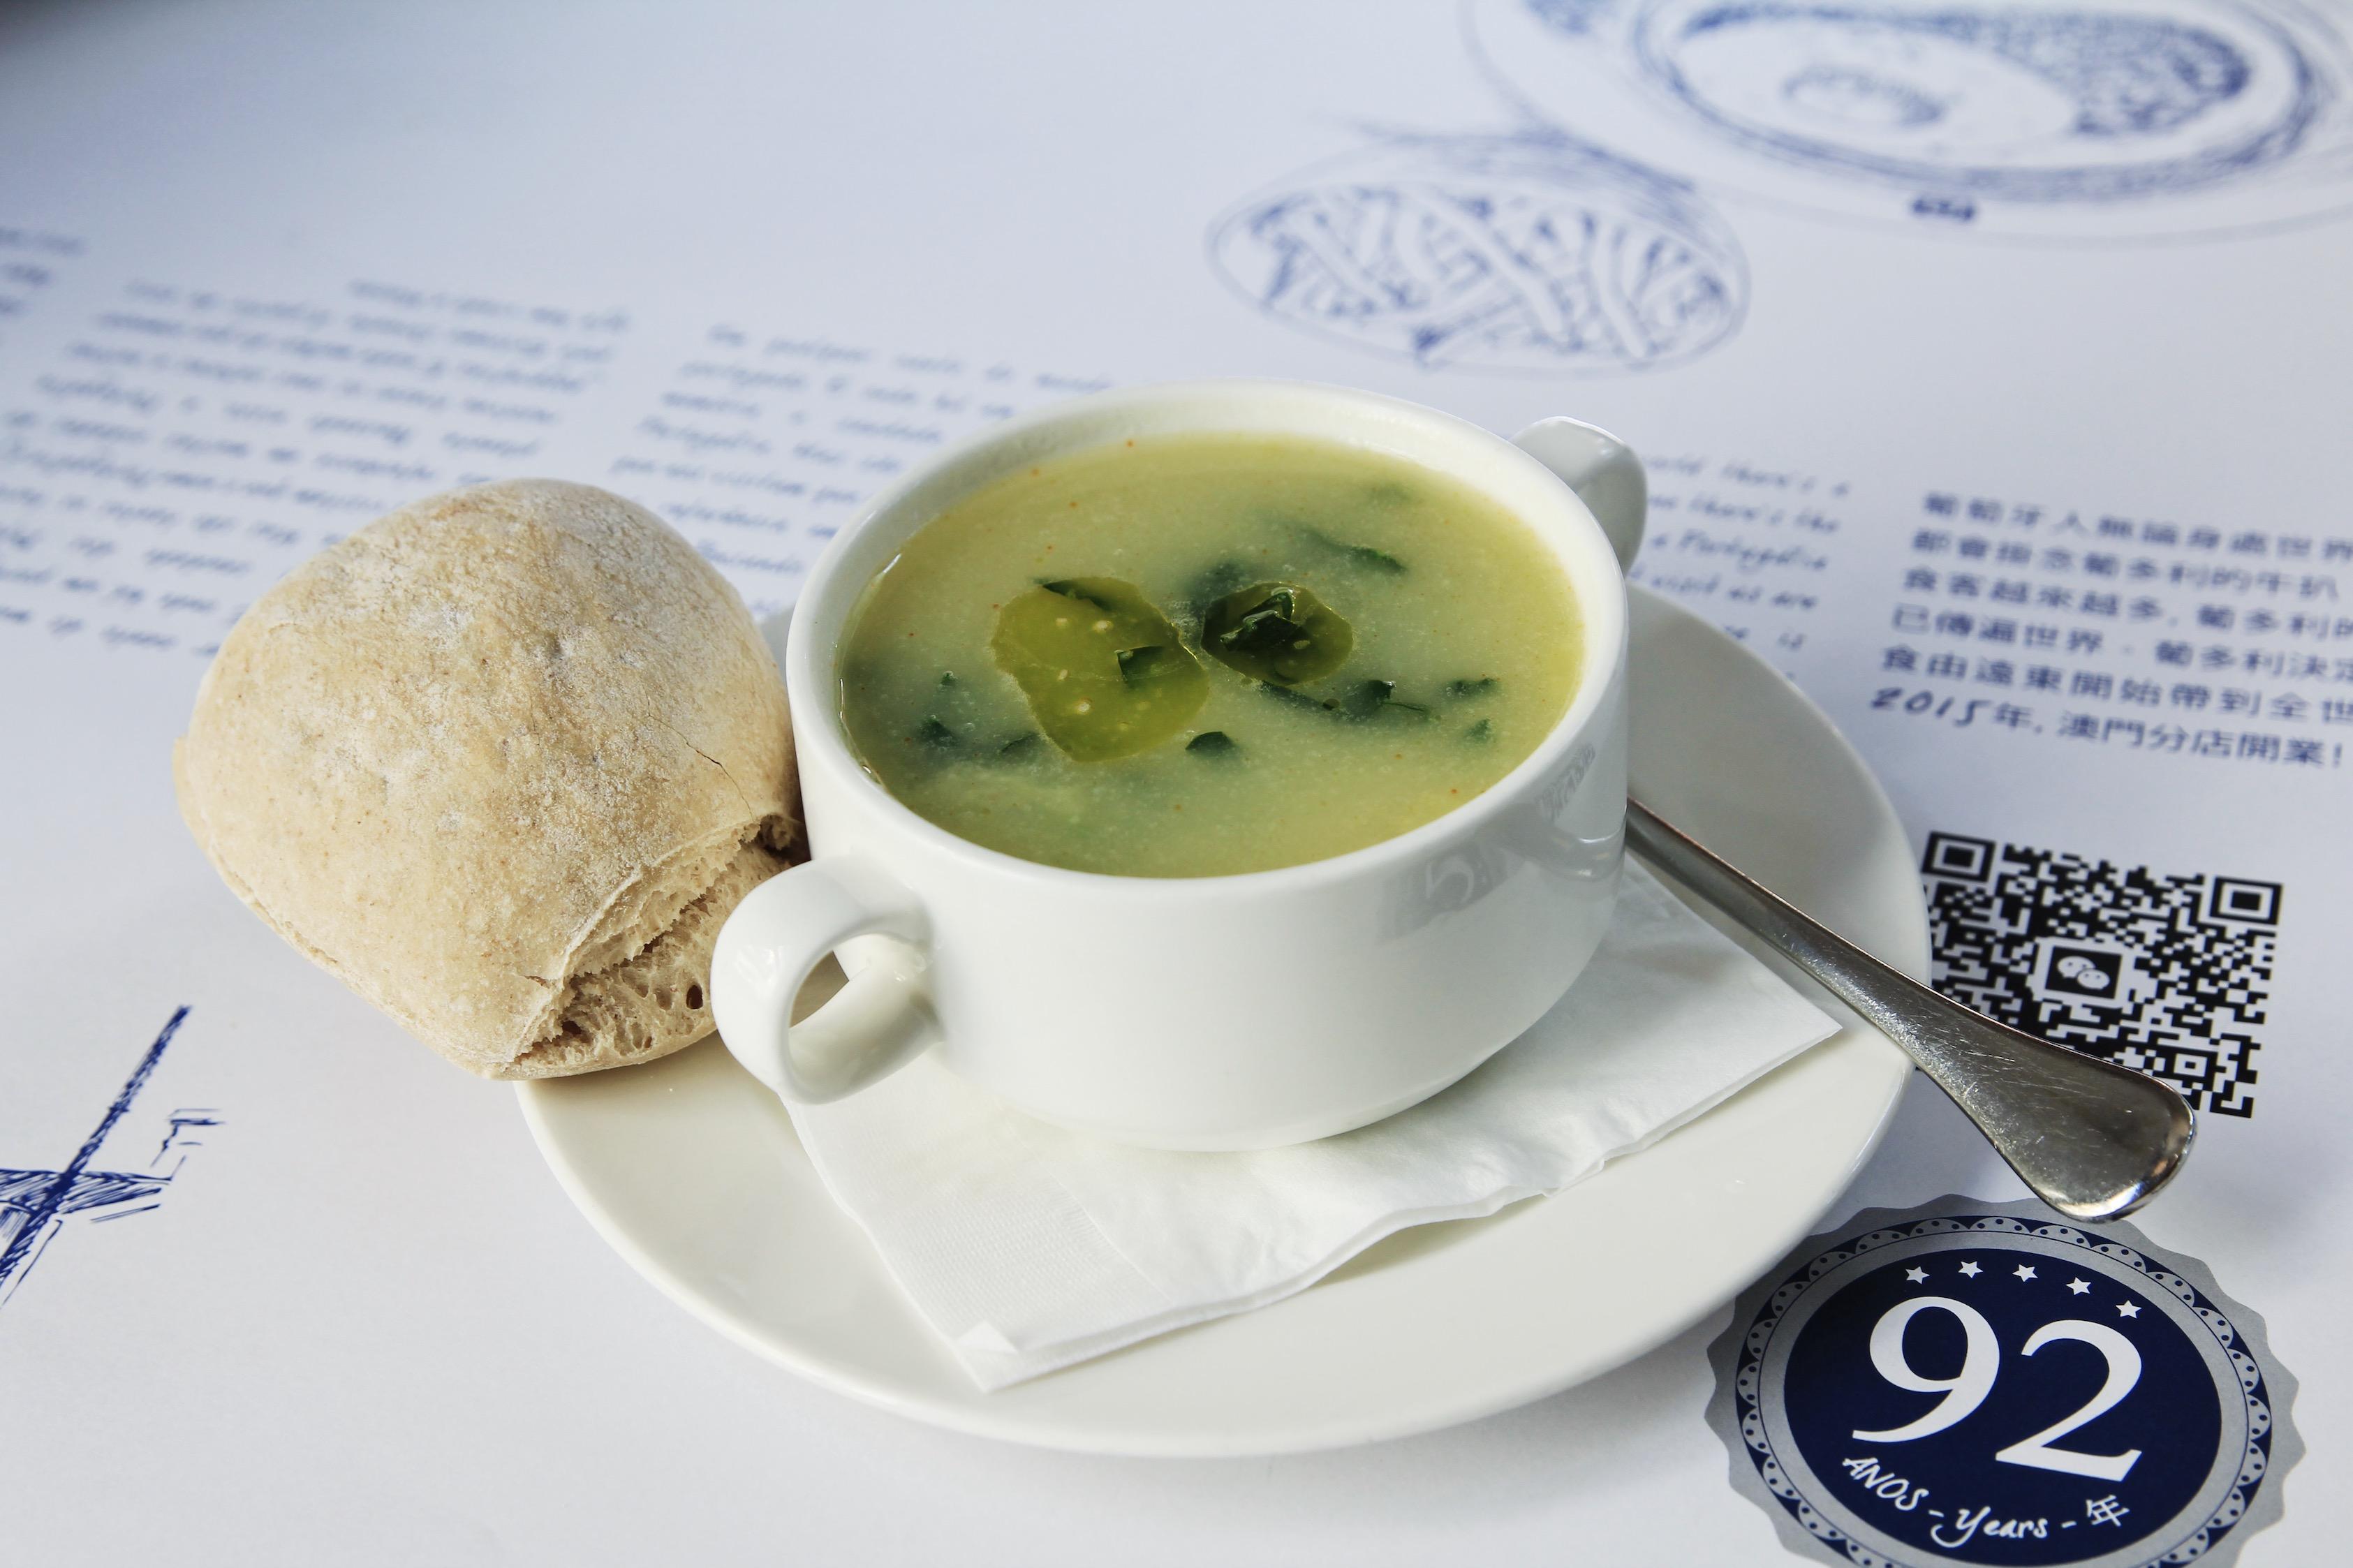 Portugalia-Restaurant-caldo-verde-soup